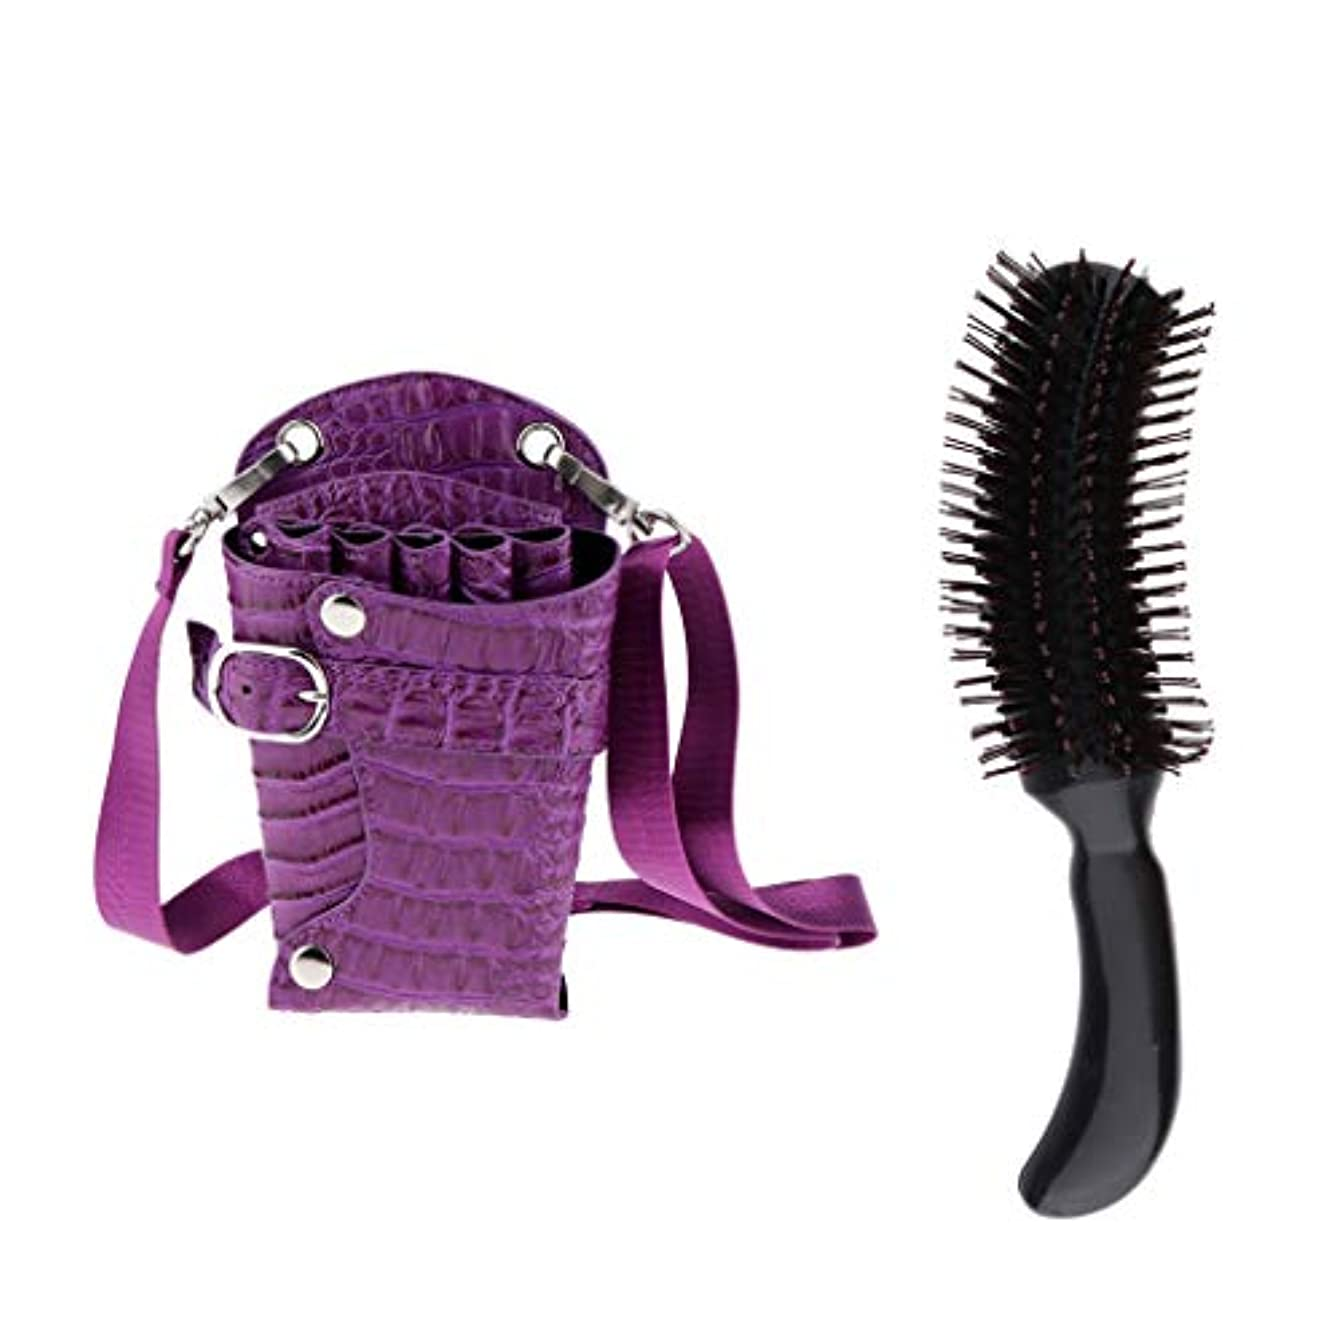 ゆりかご巨大著名なDYNWAVE 理髪はさみツールホルダーケース&スタイリングデタングルヘアブラシS形状